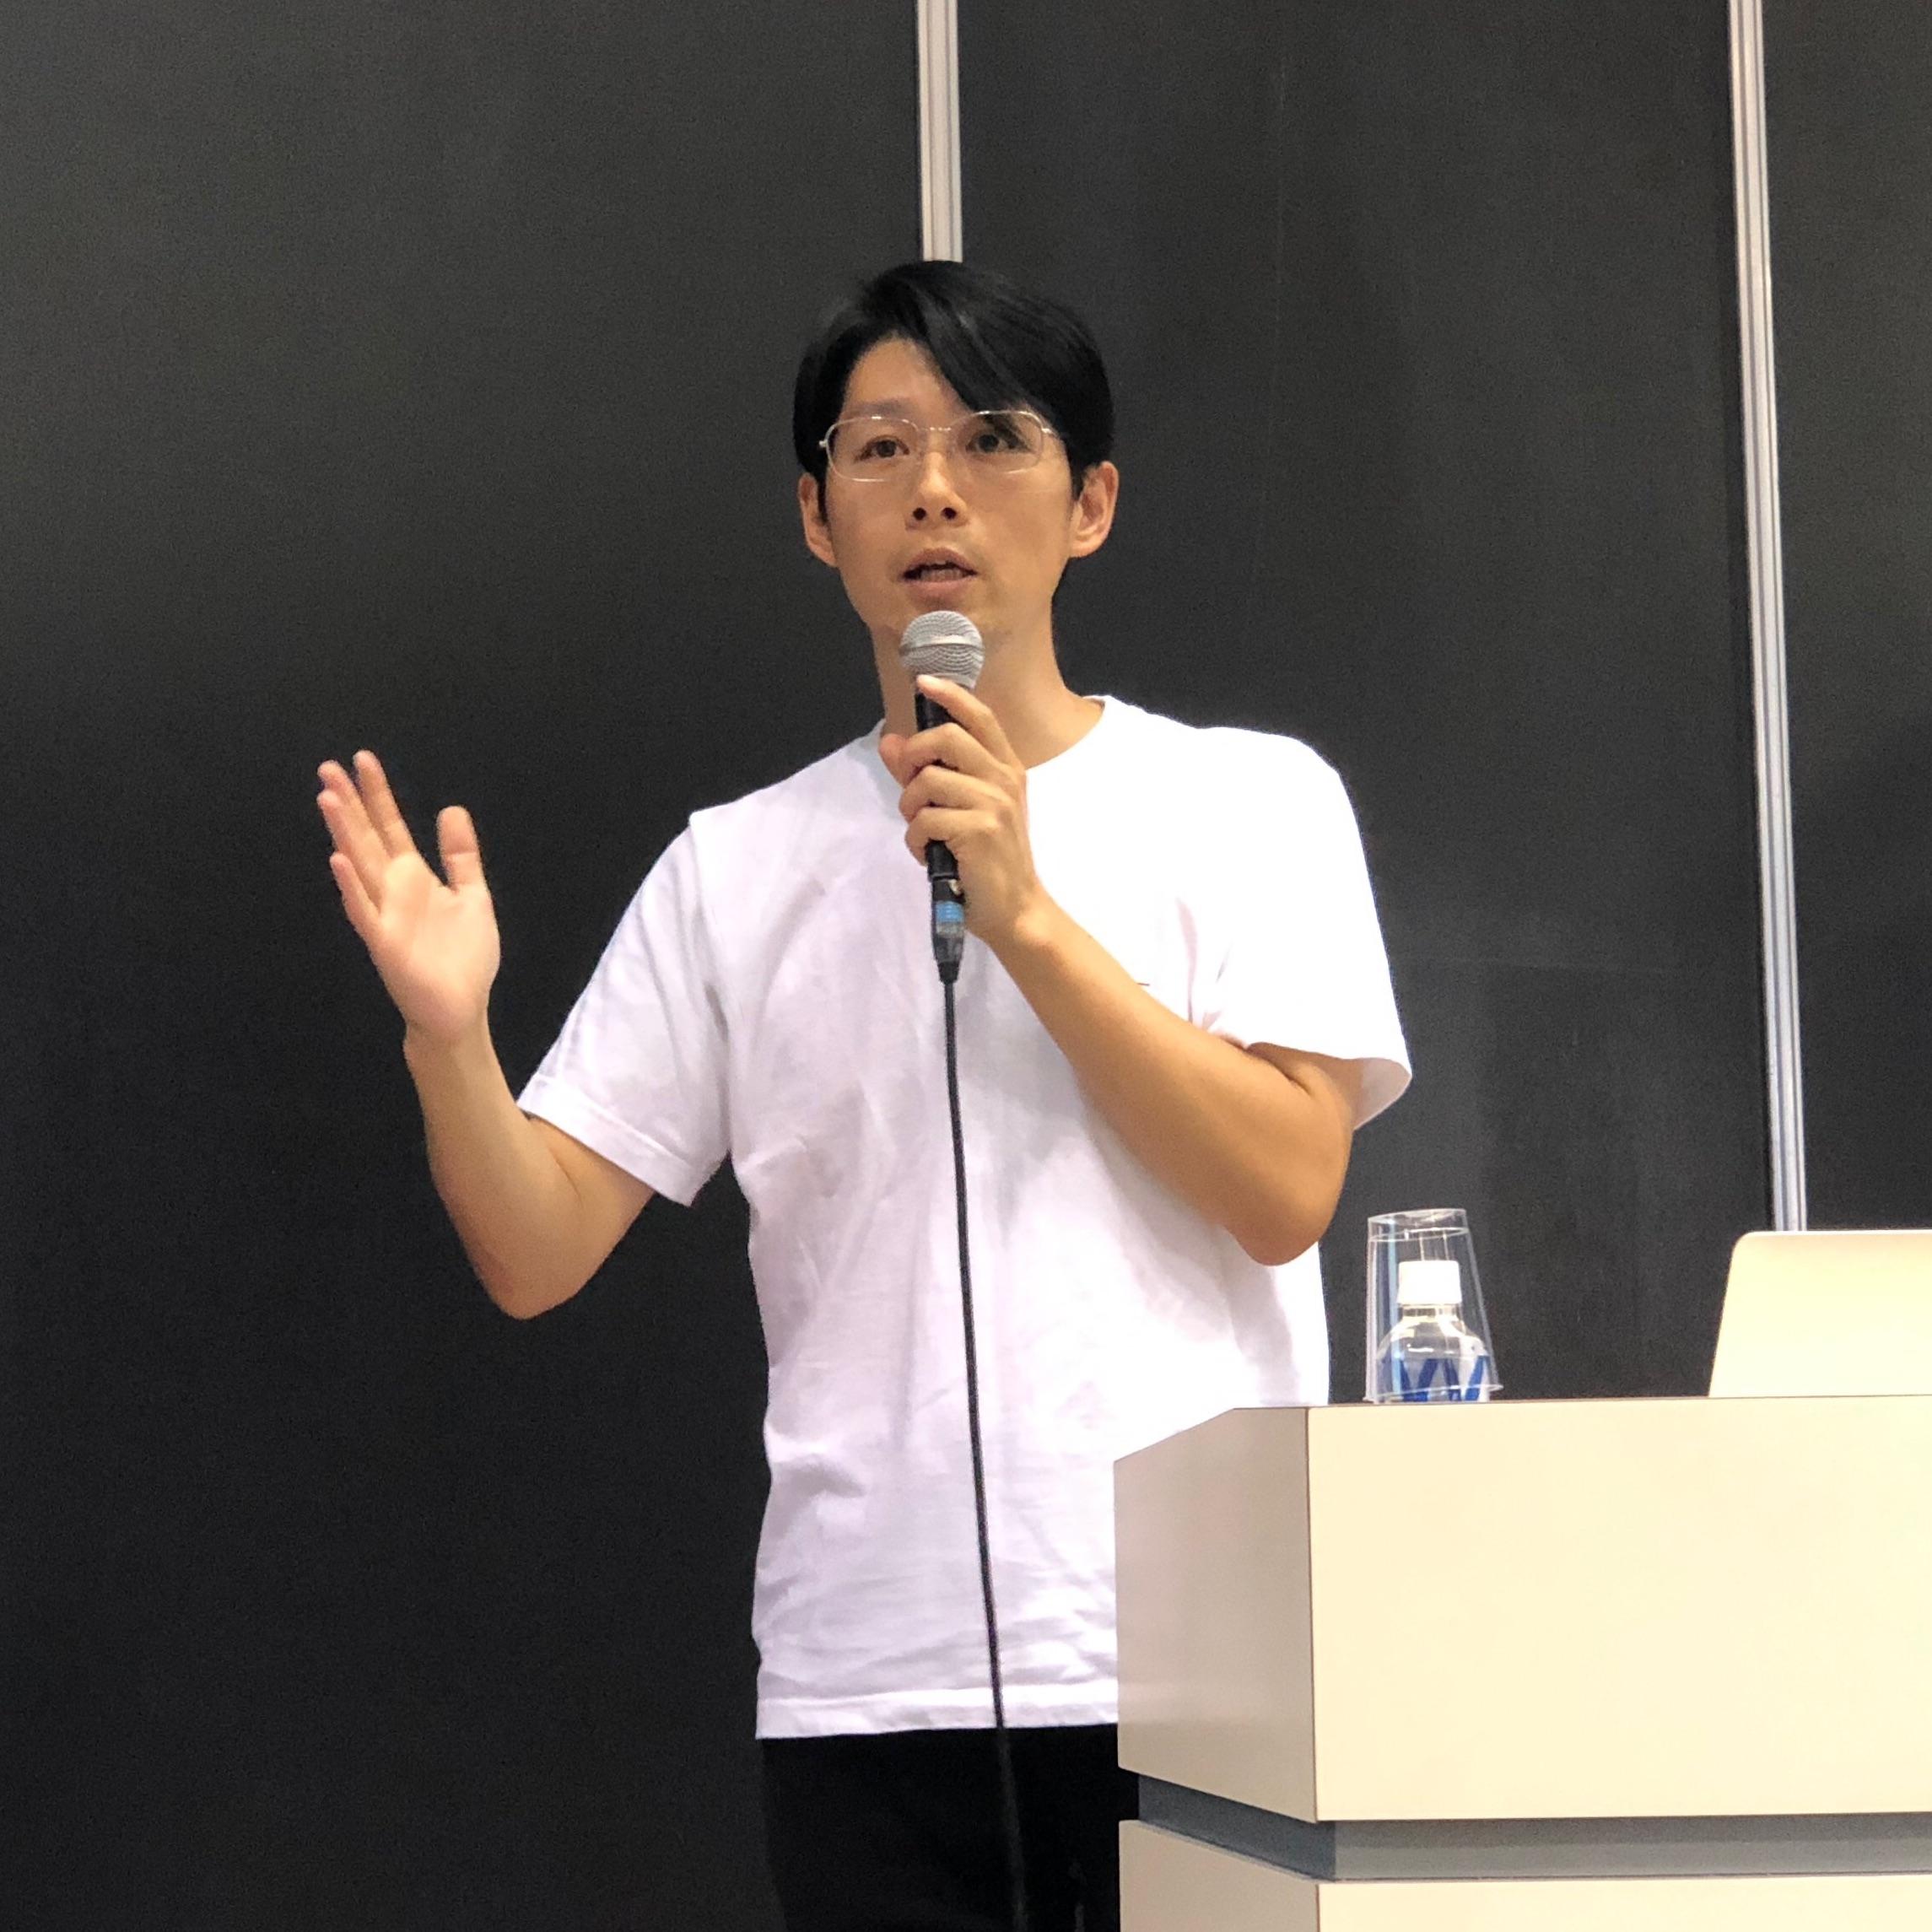 「フードディストリビューション2018」に出展し、最新の物流ロボットソリューションについてセミナー講演を行いました